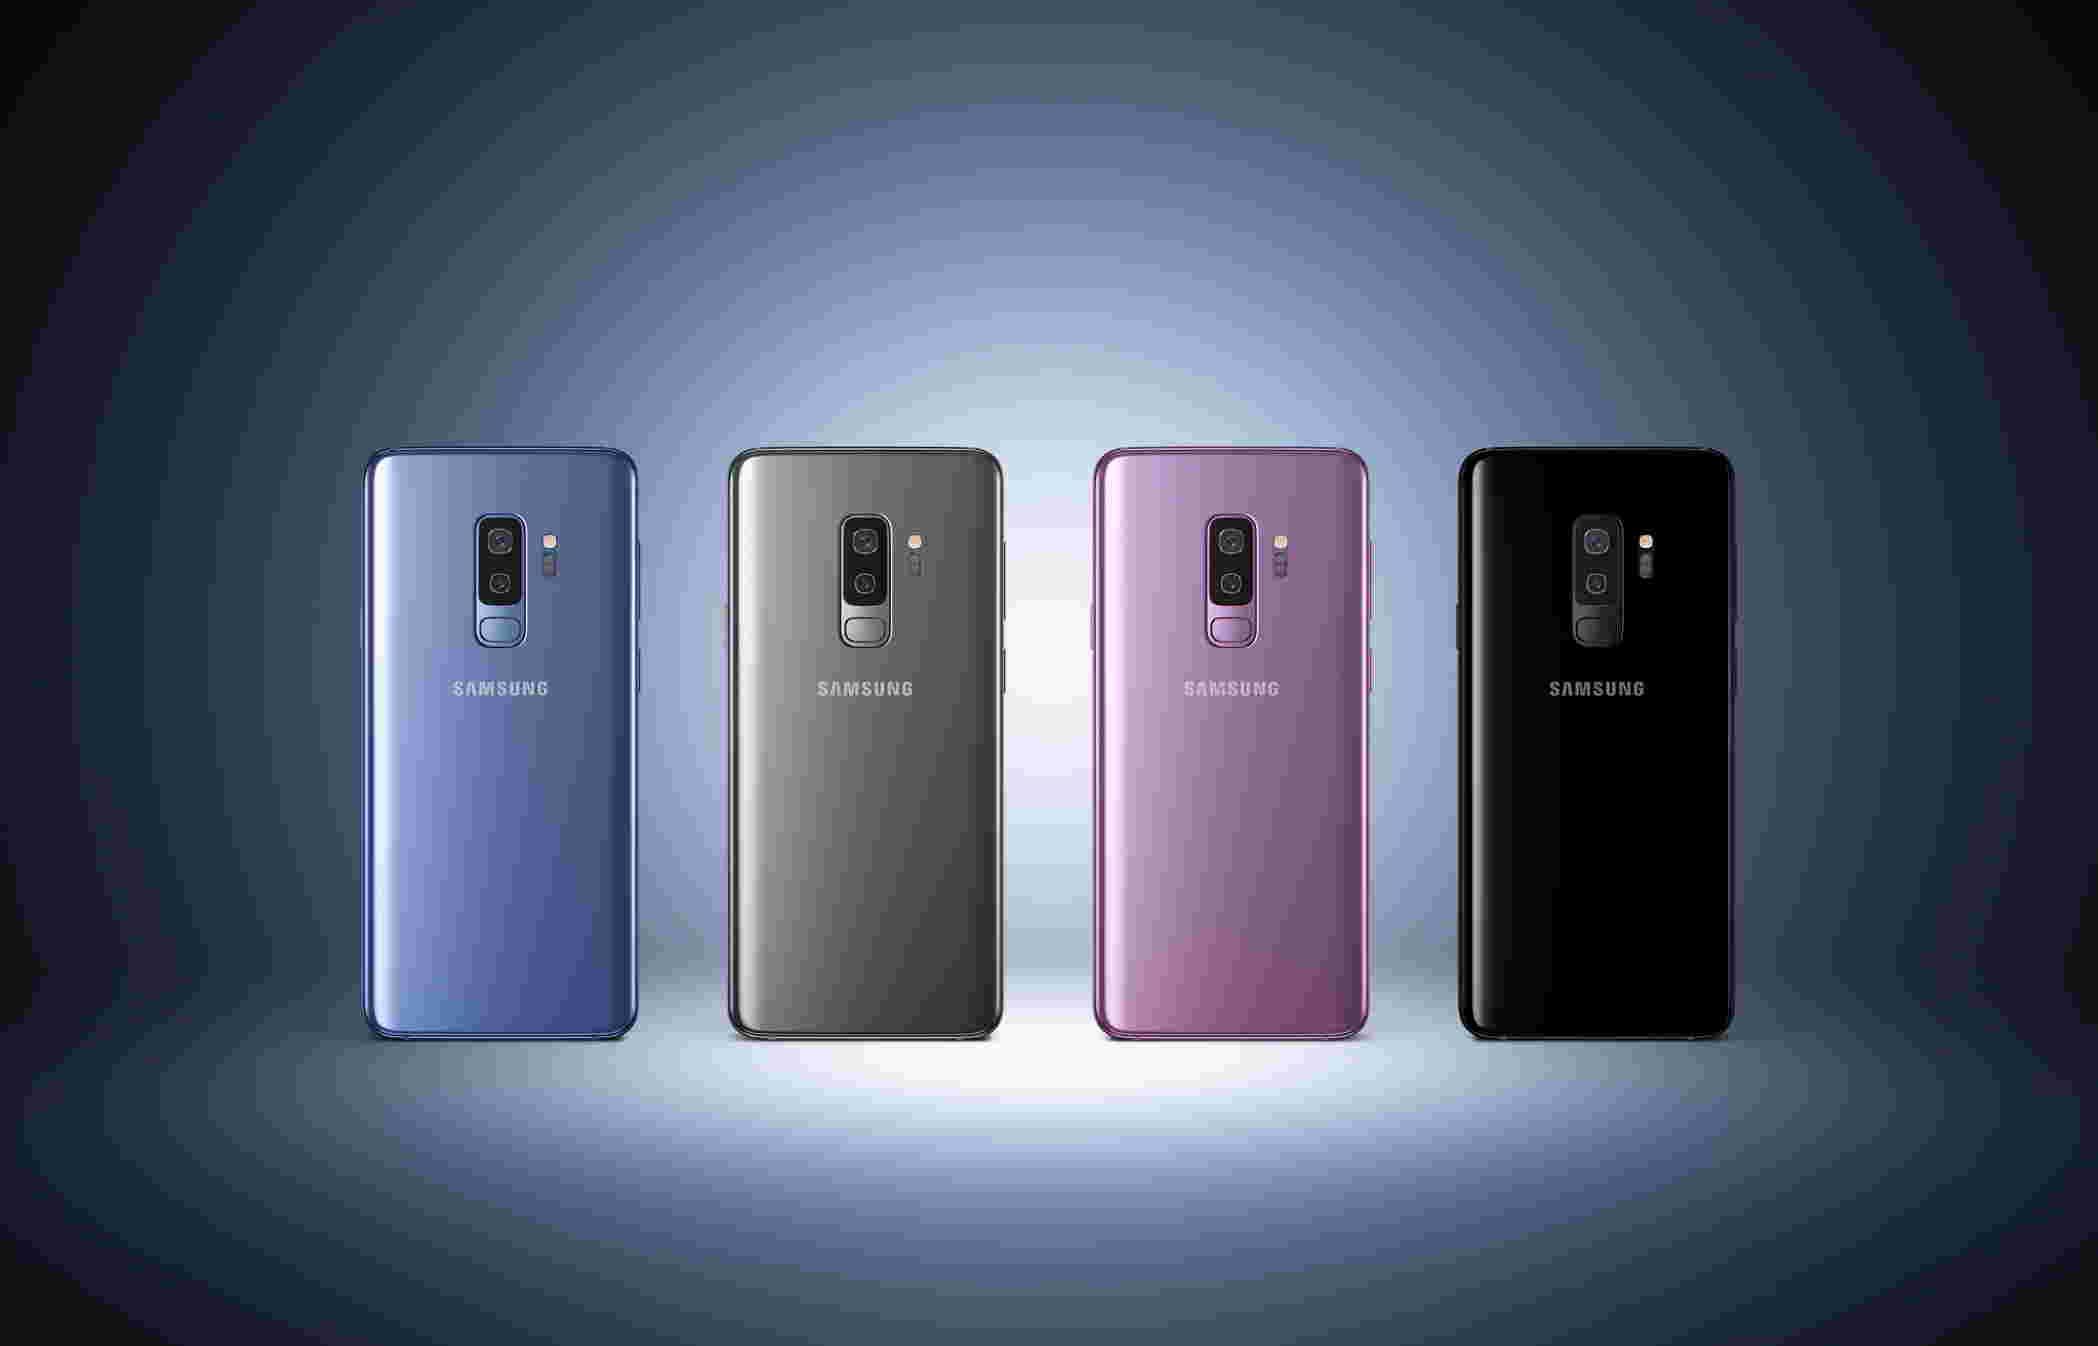 三星Galaxy S9和S9 +现在支持arcore